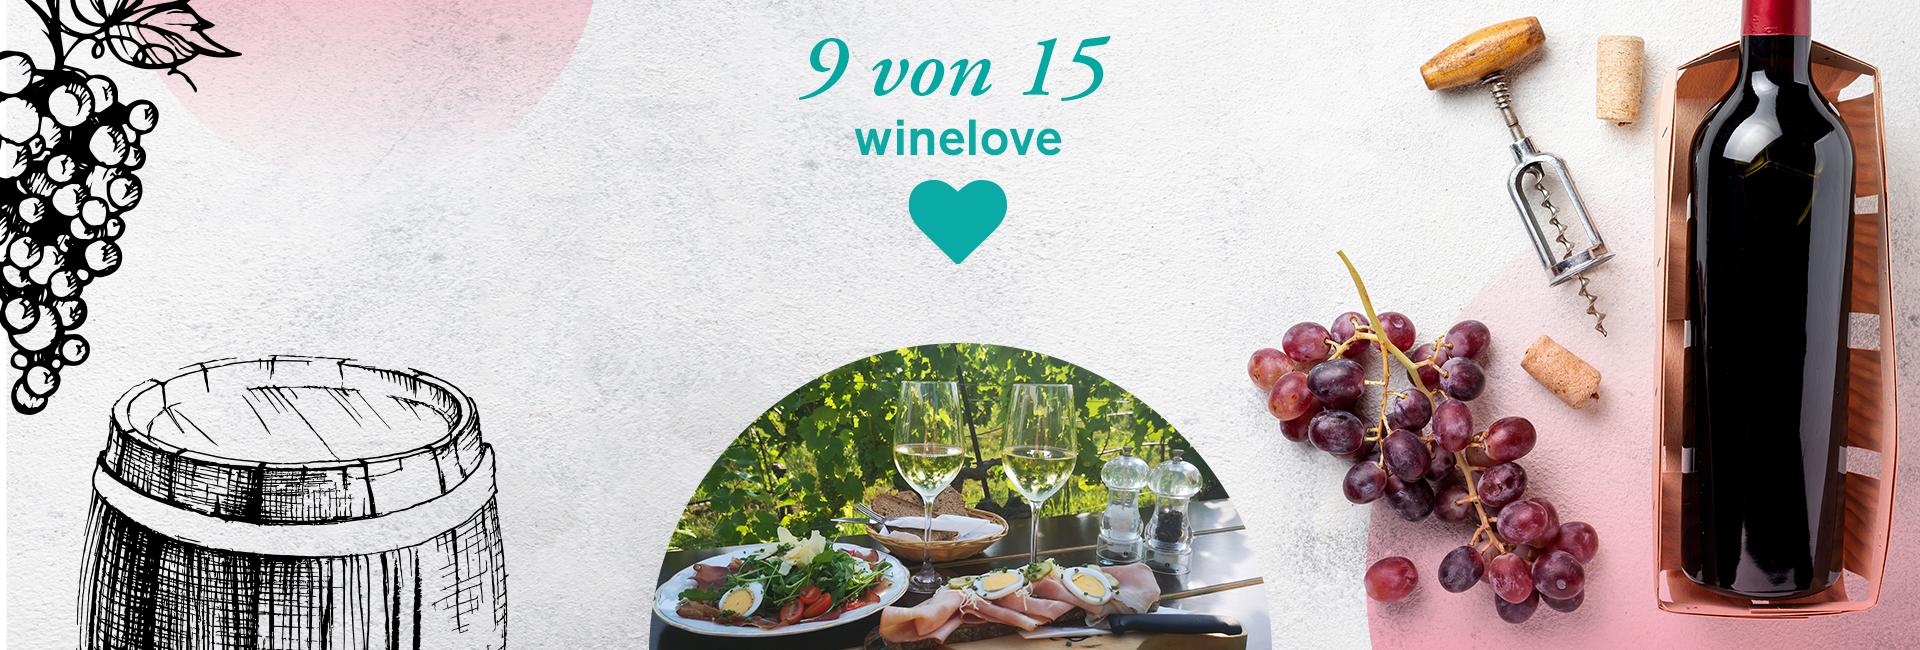 9. Weingläschen 🍷